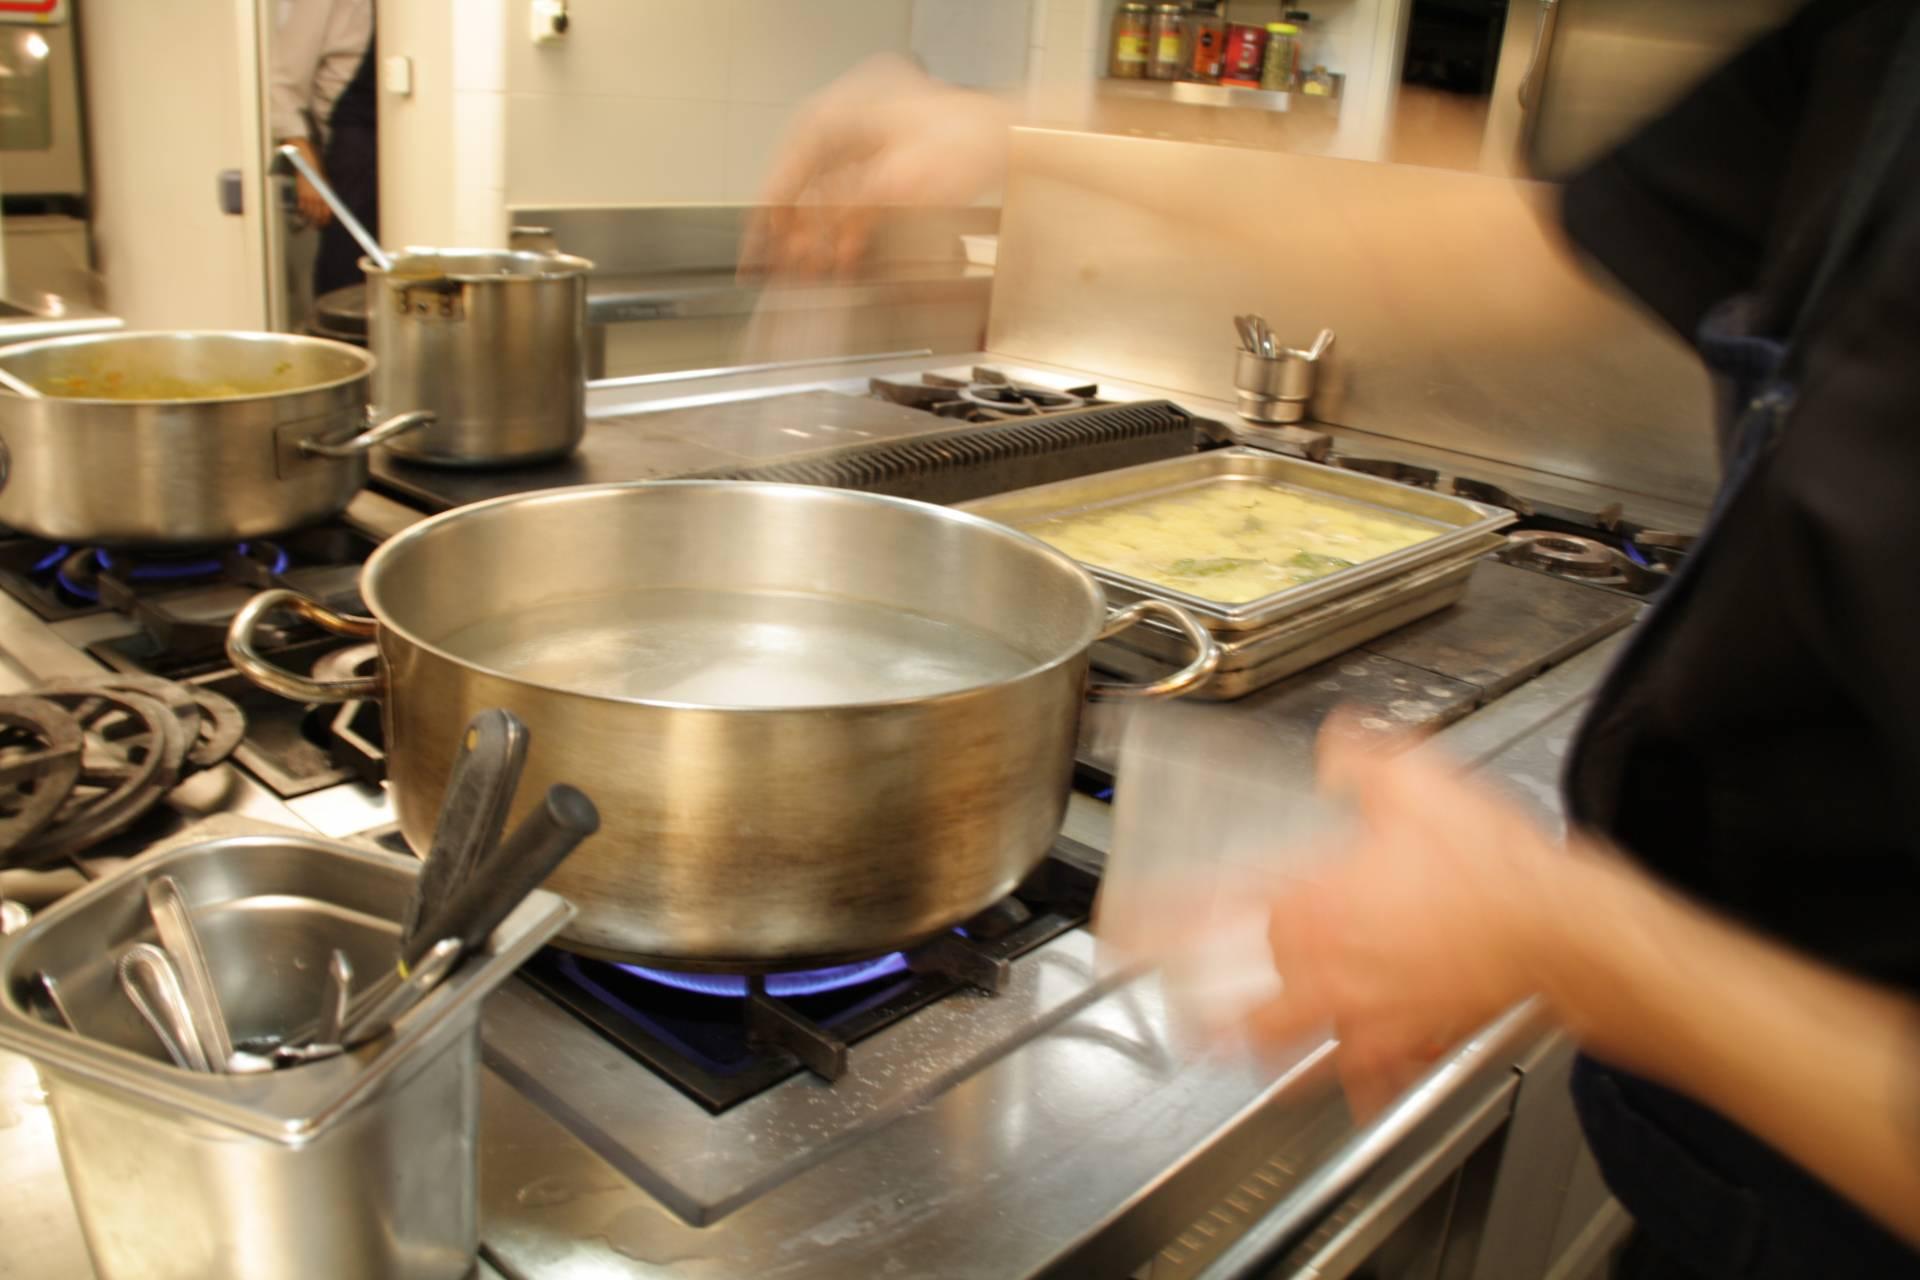 Agua hirviendo para cocer las verduras de la mañana.